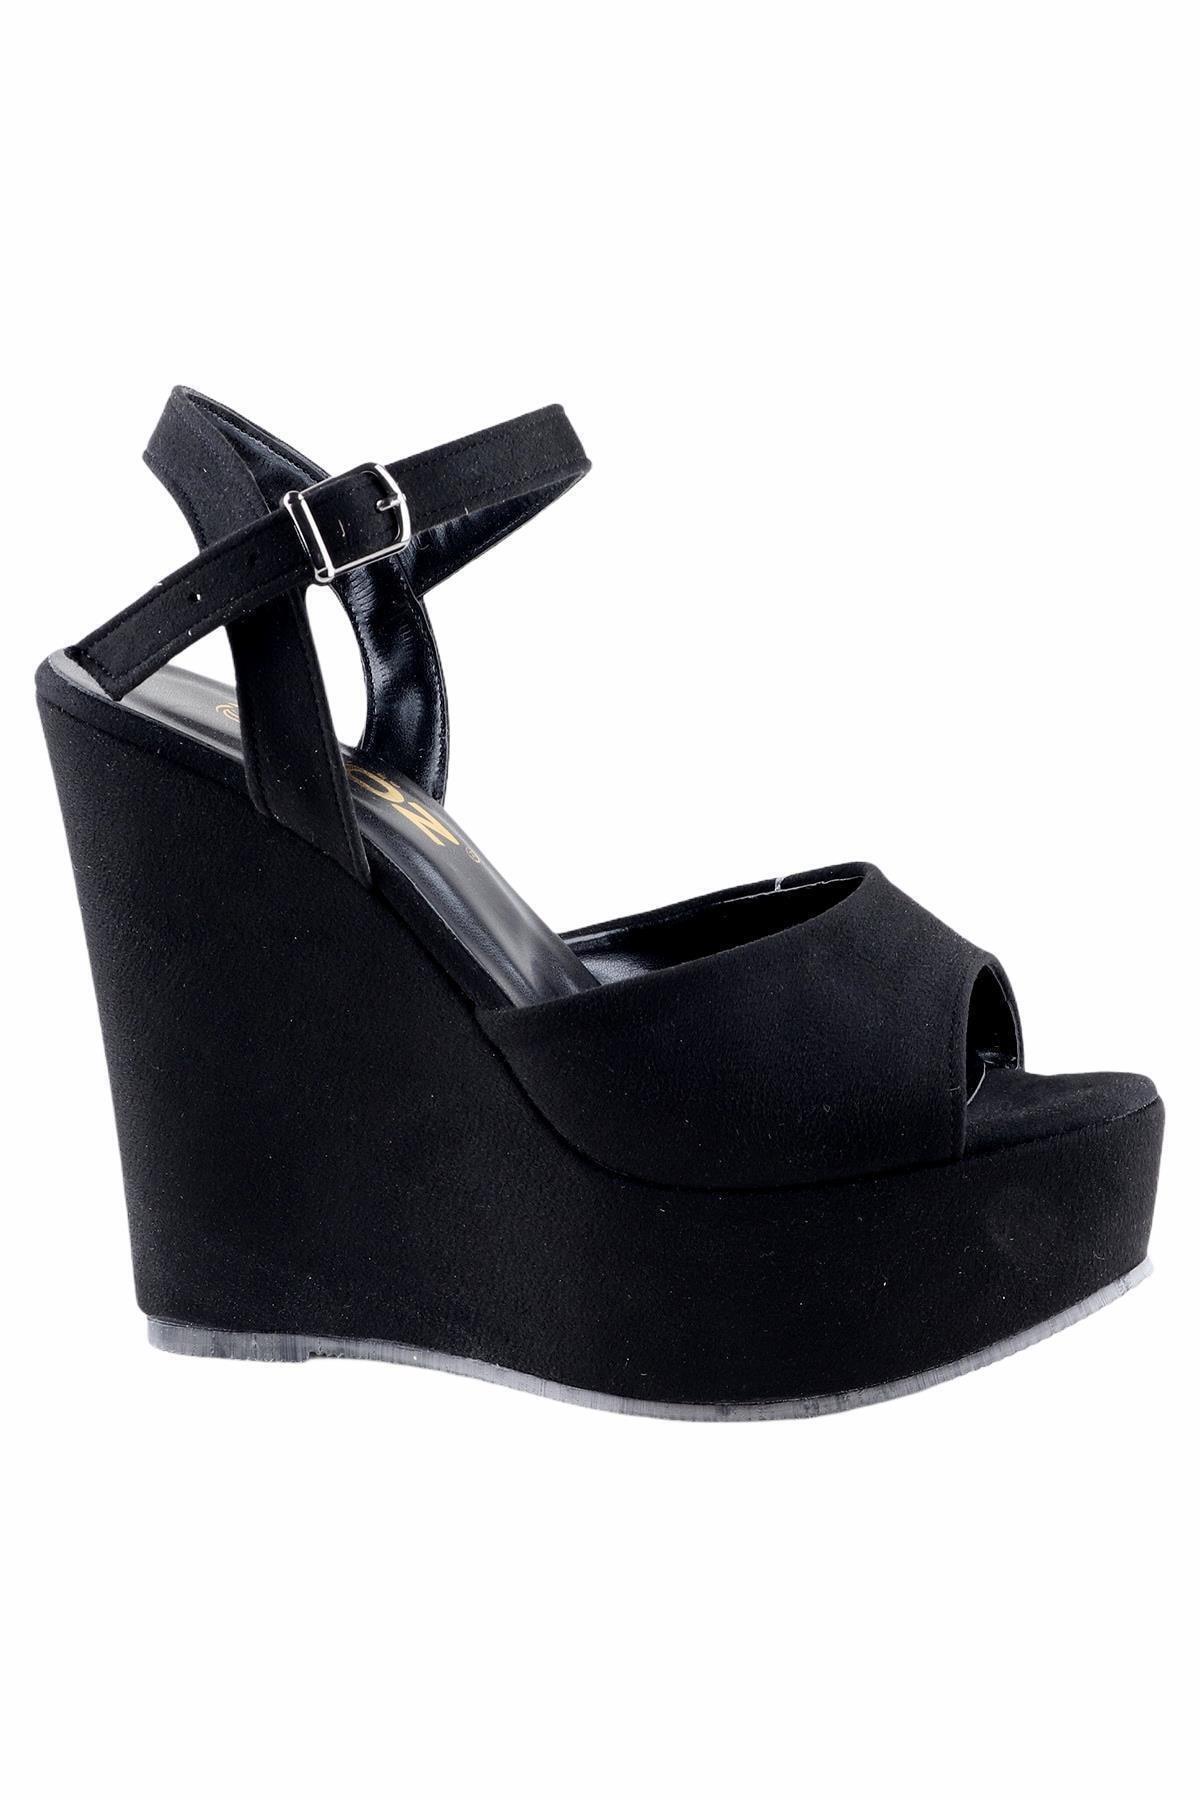 Föz Siyah Kadın Dolgu Topuklu Ayakkabı OZ00666